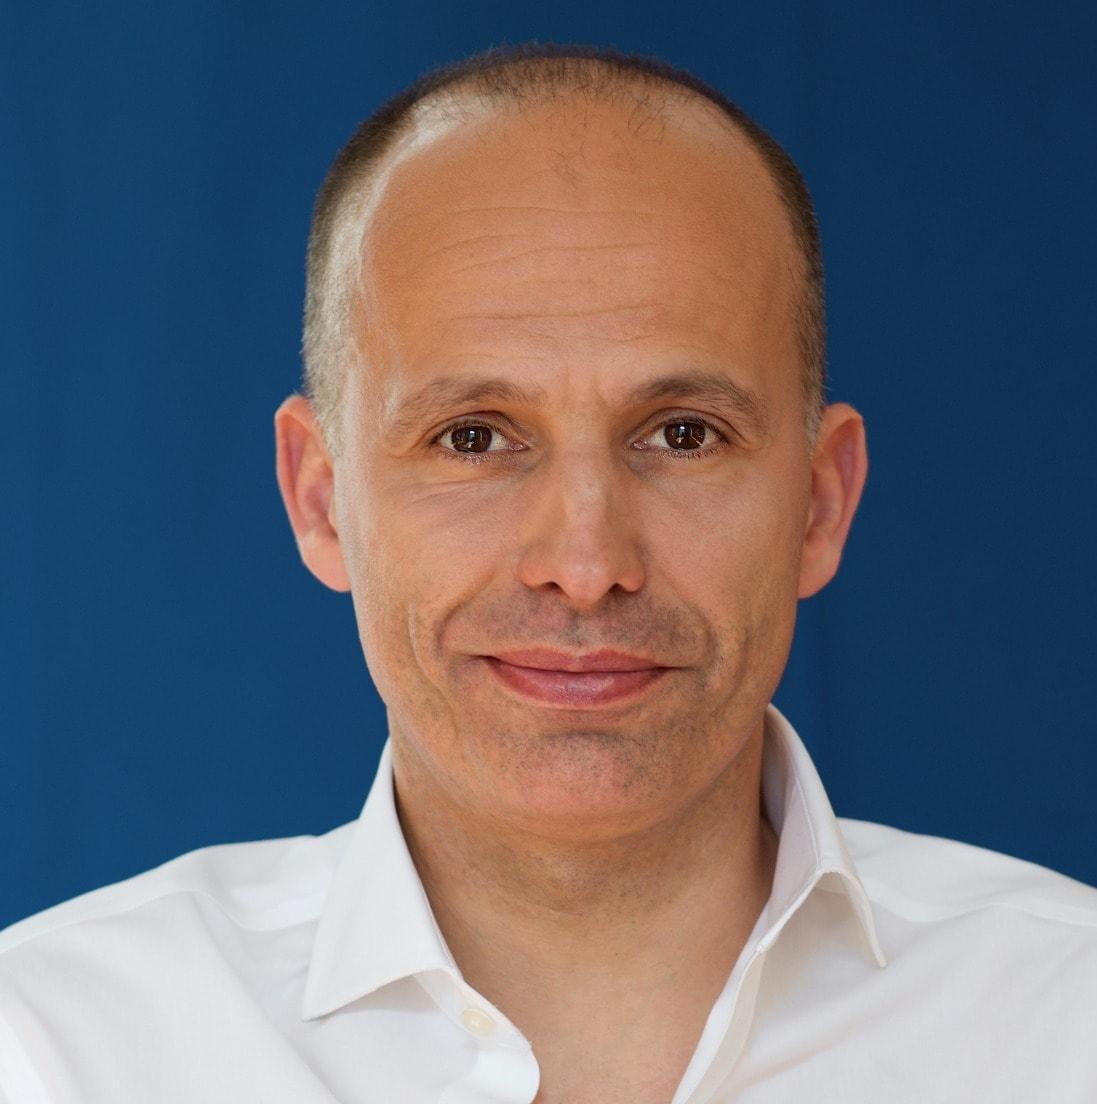 Entrevista Pedro Mota Soares | 'Políticas sociais são melhores quando incluem contributos das forças locais'